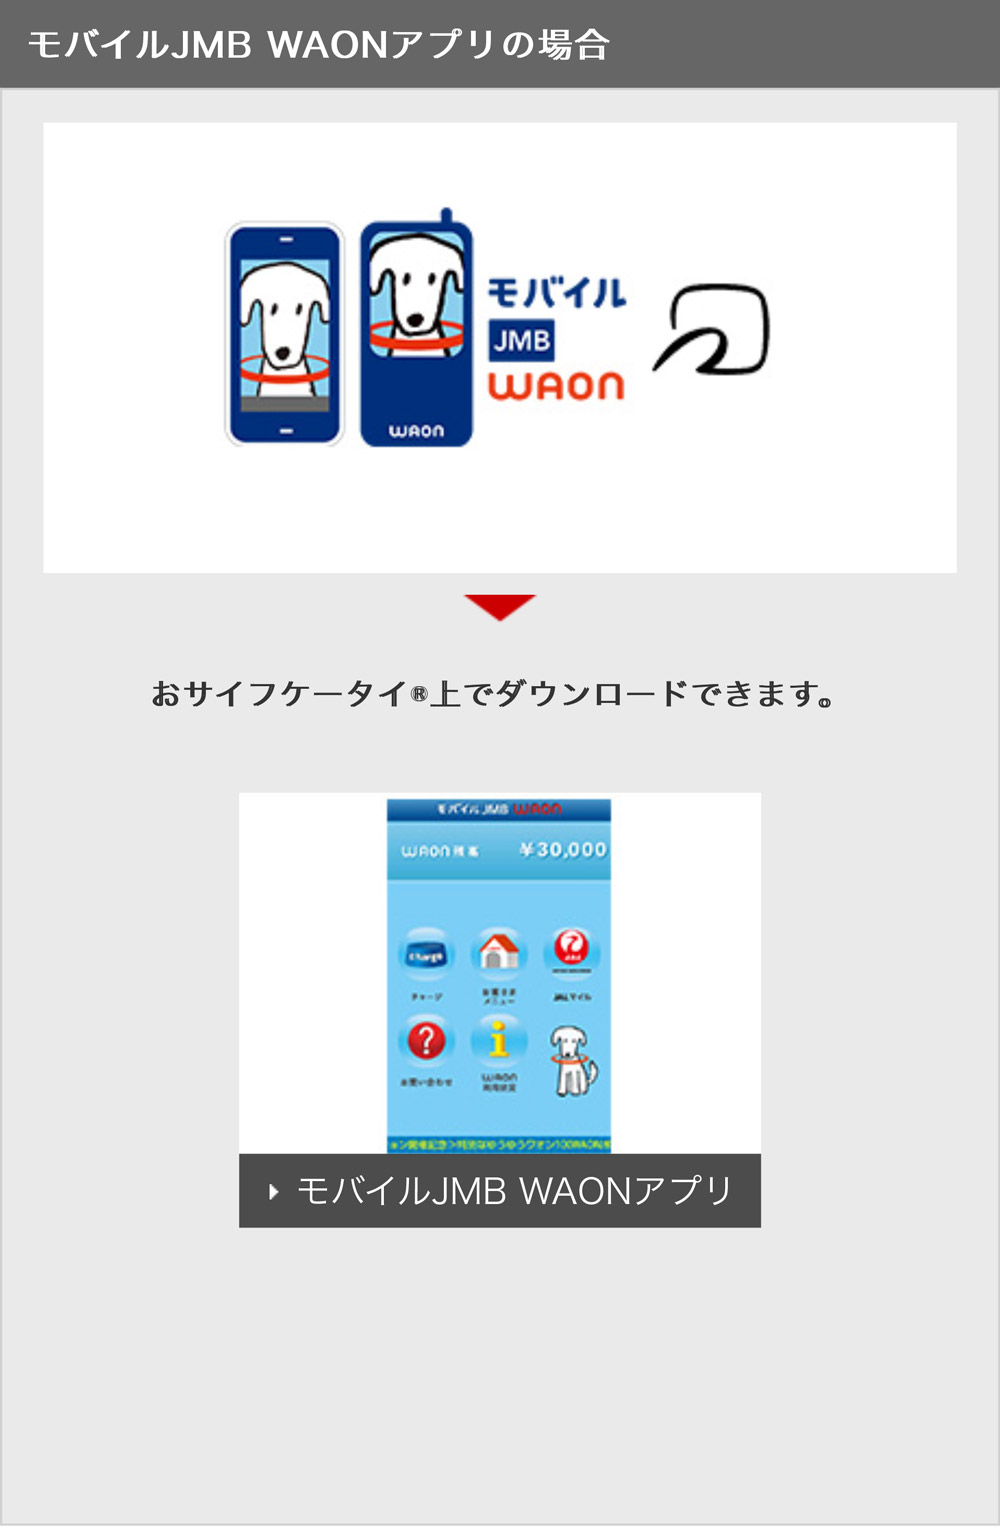 マイル→WAON交換方法(アプリ)